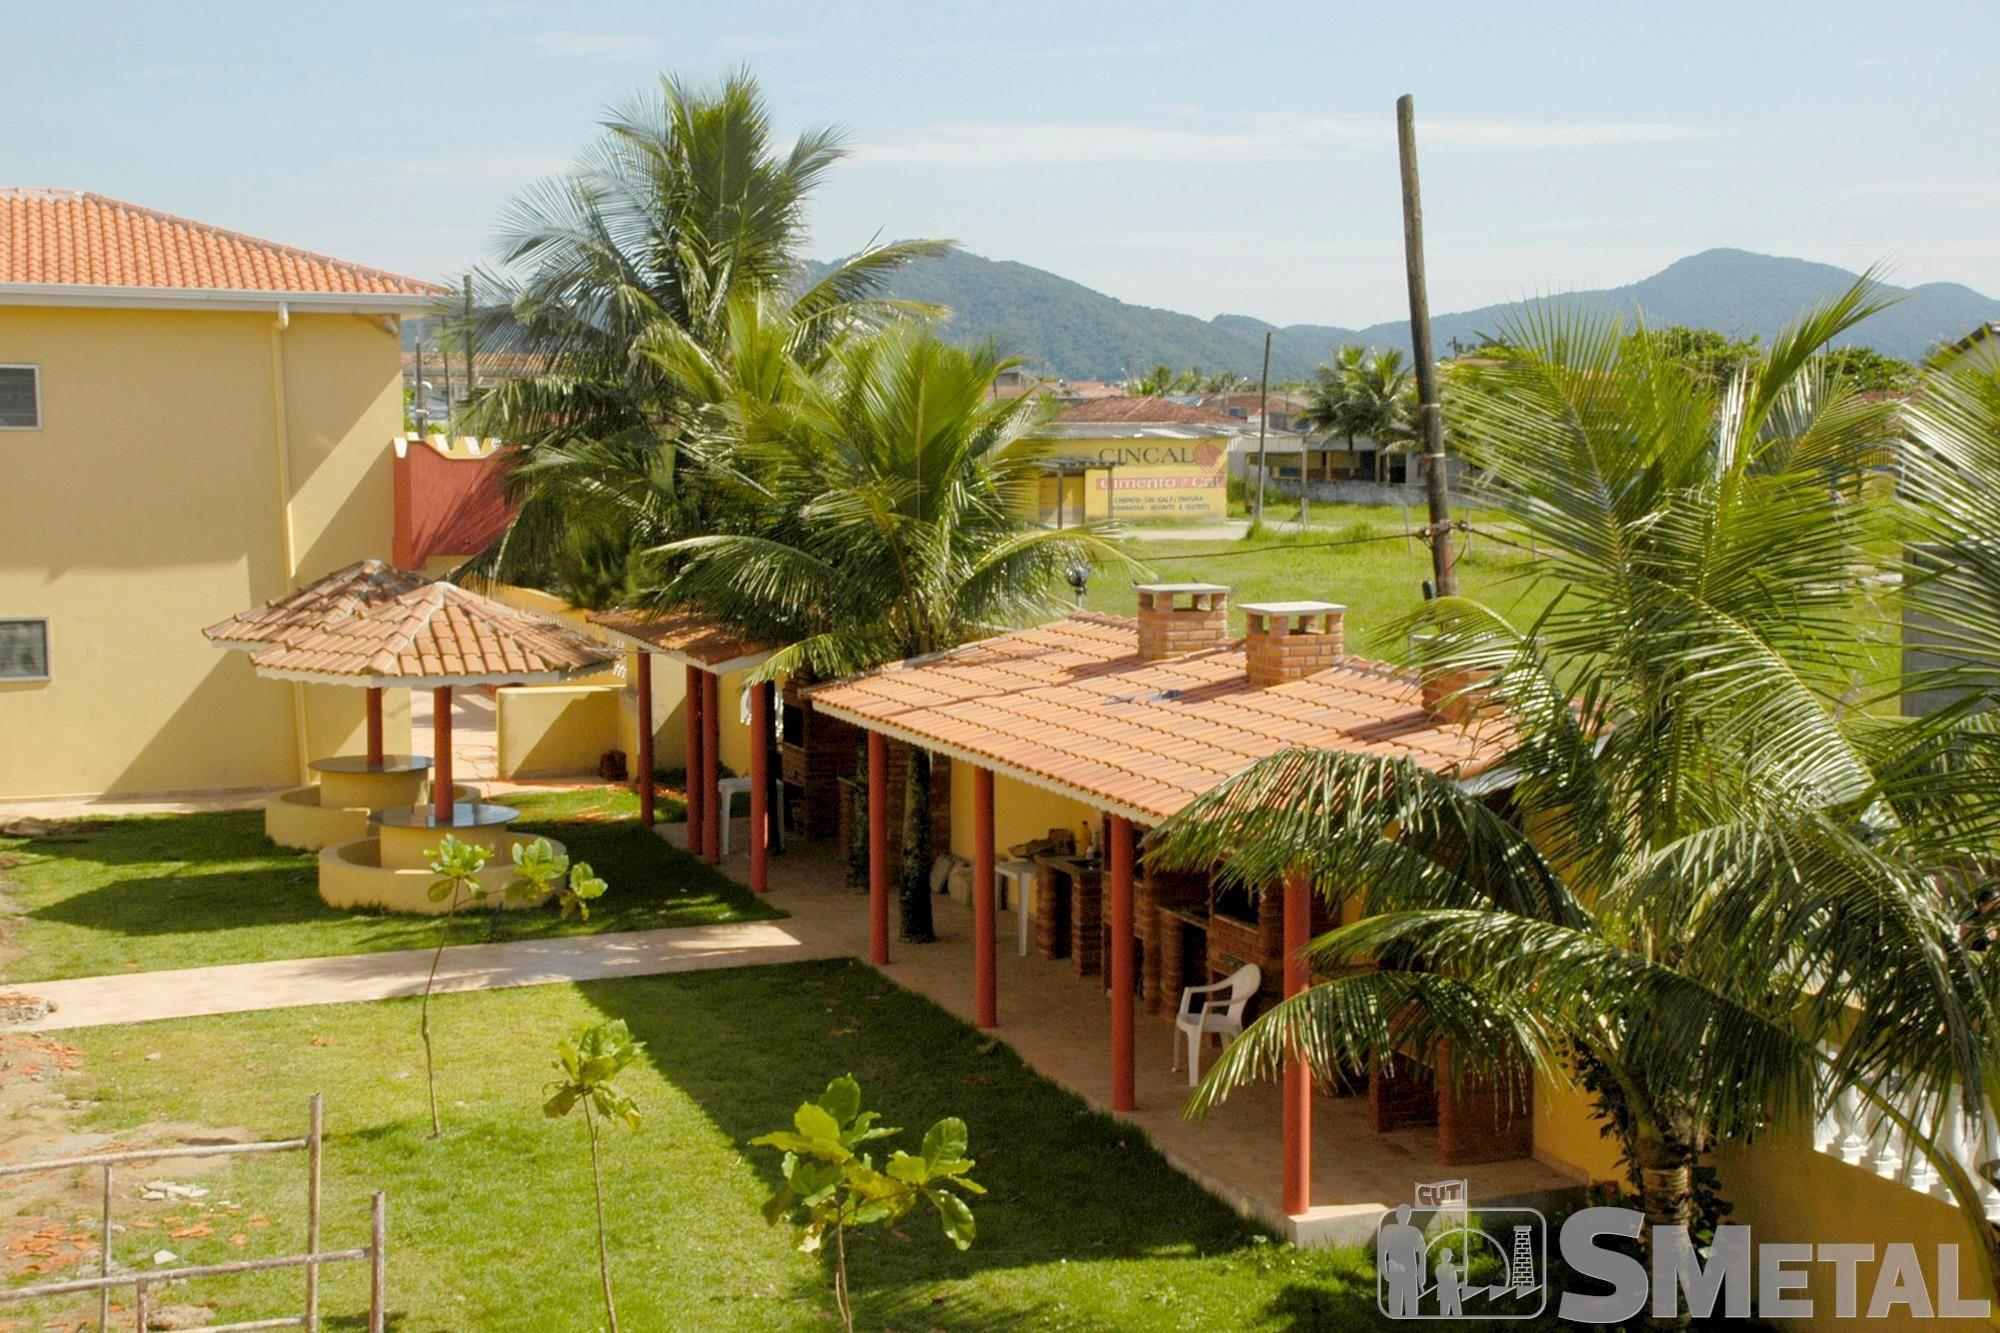 Ilha Comprida, colônia, férias, associado, benefícios, smetal, Foguinho/Imprensa SMetal